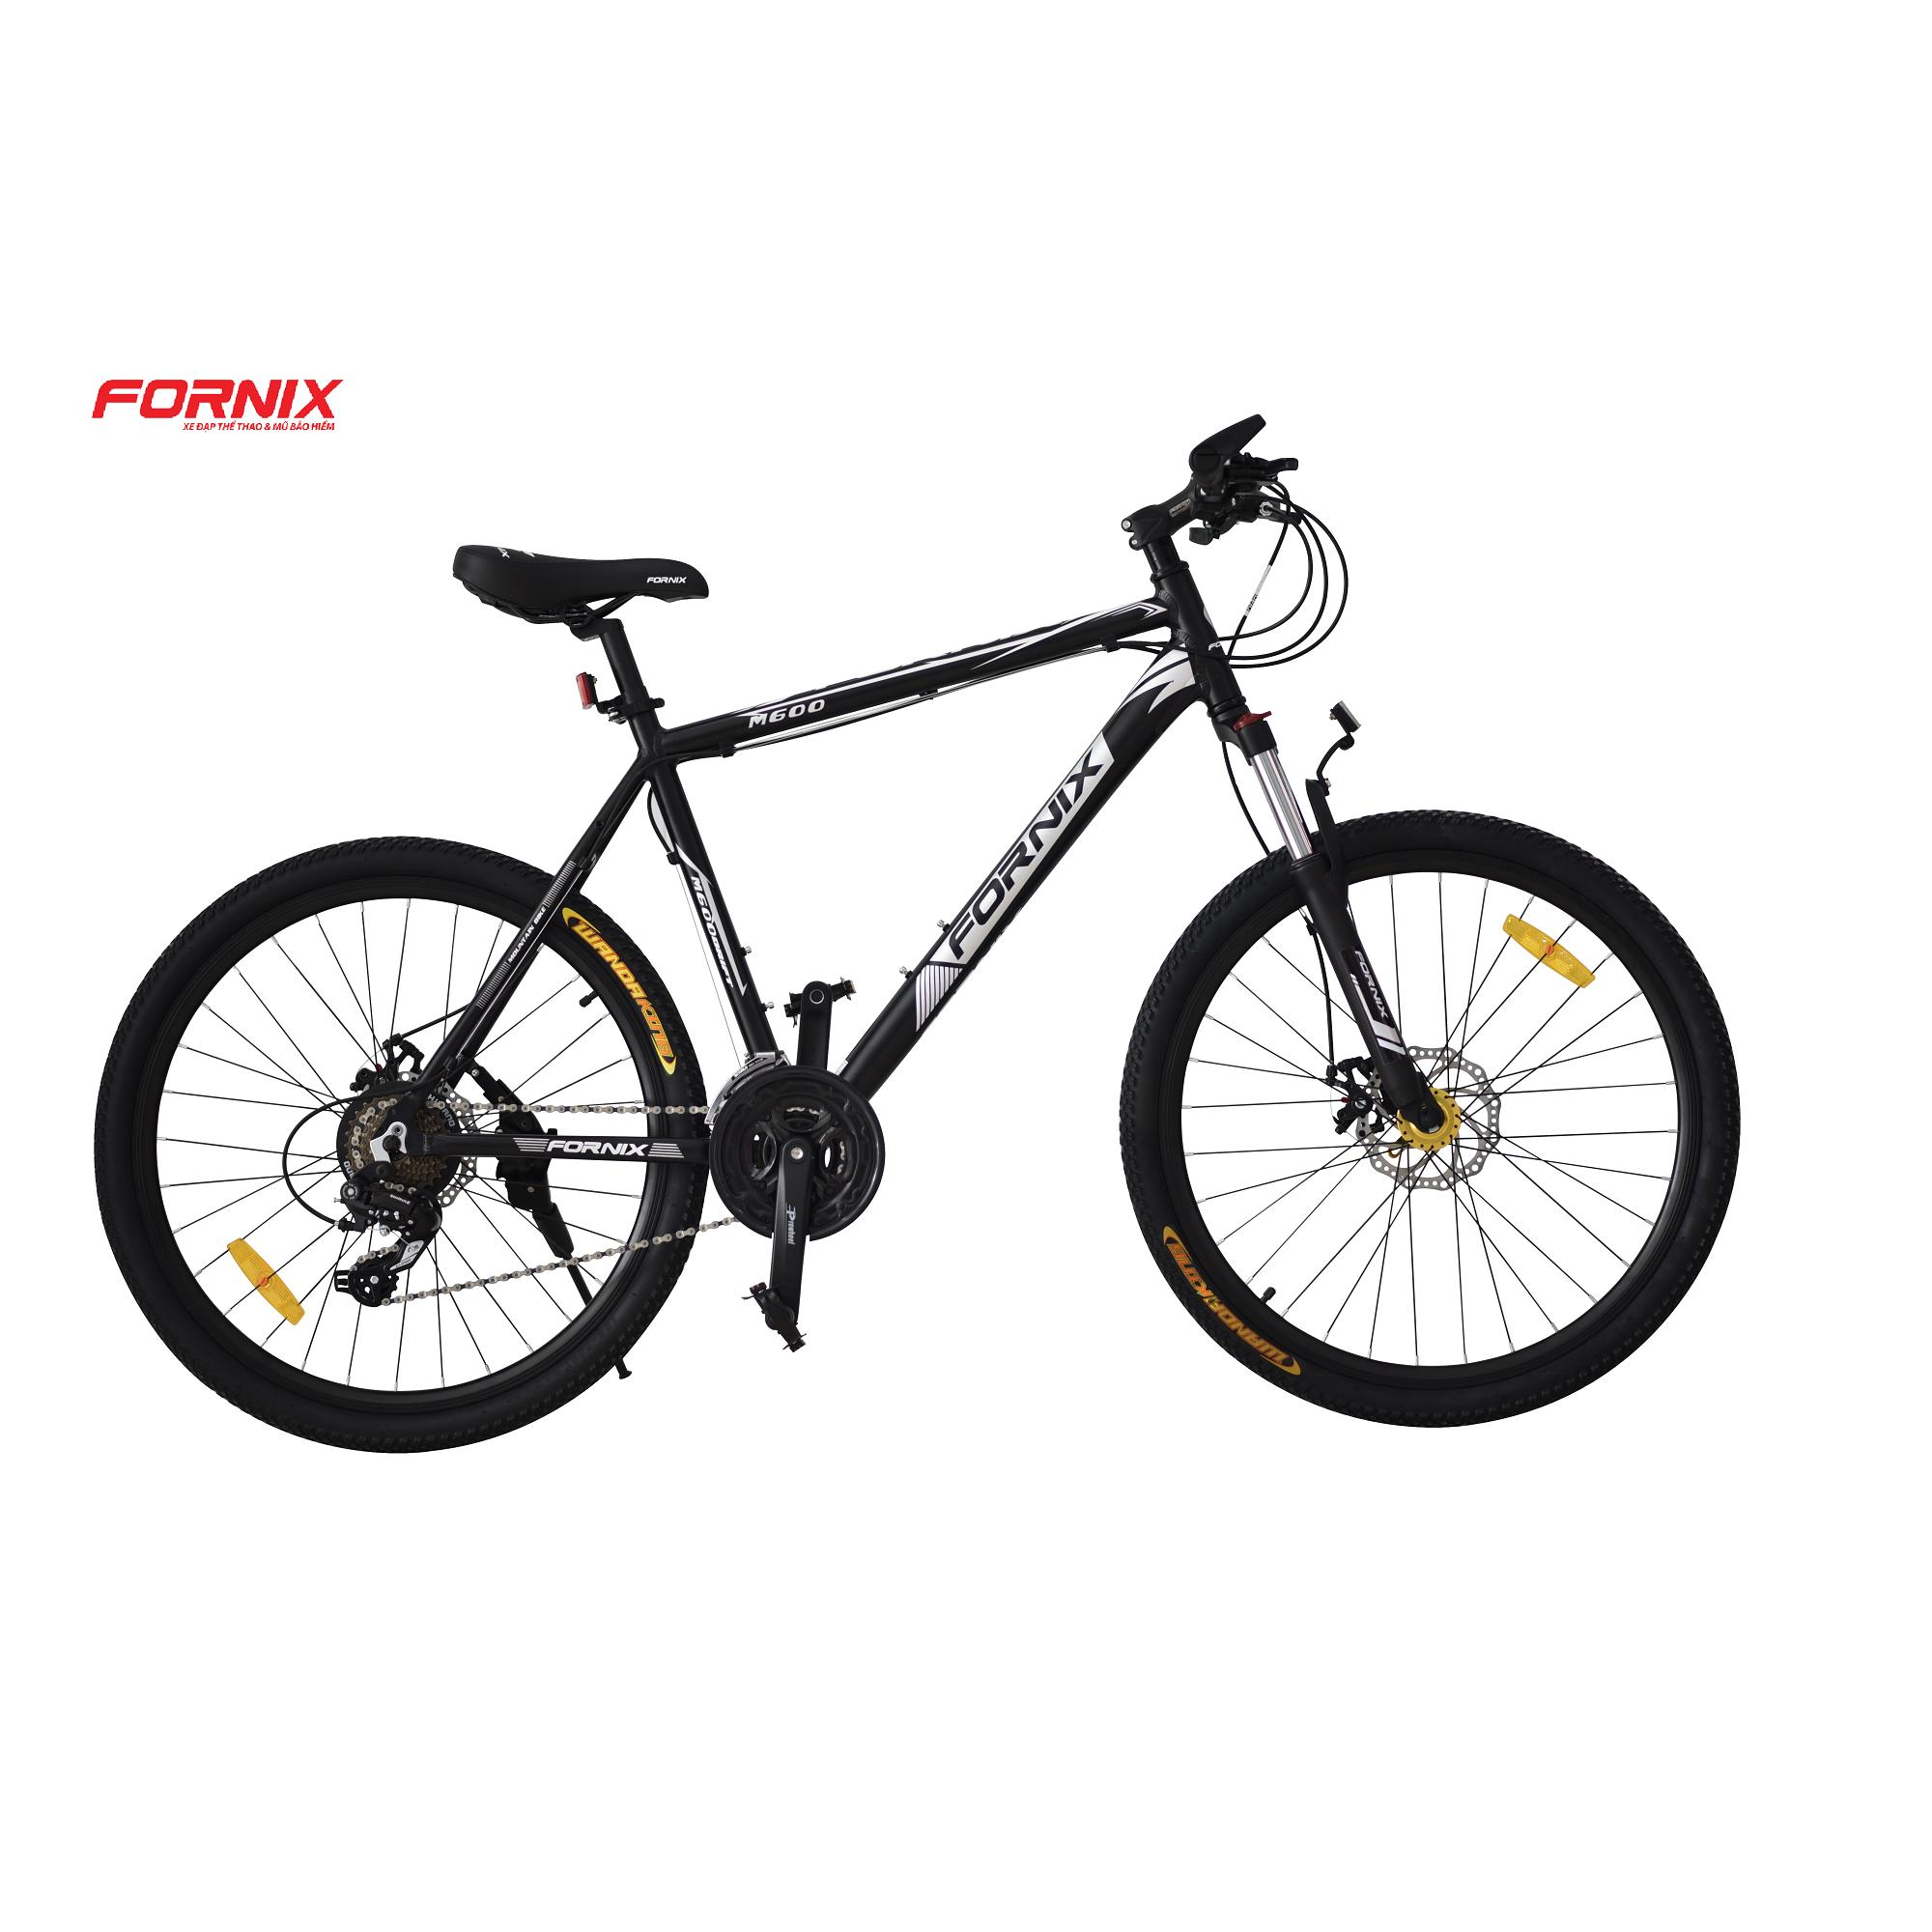 Xe đạp địa hình thể thao Fornix M600 (Đen bạc)